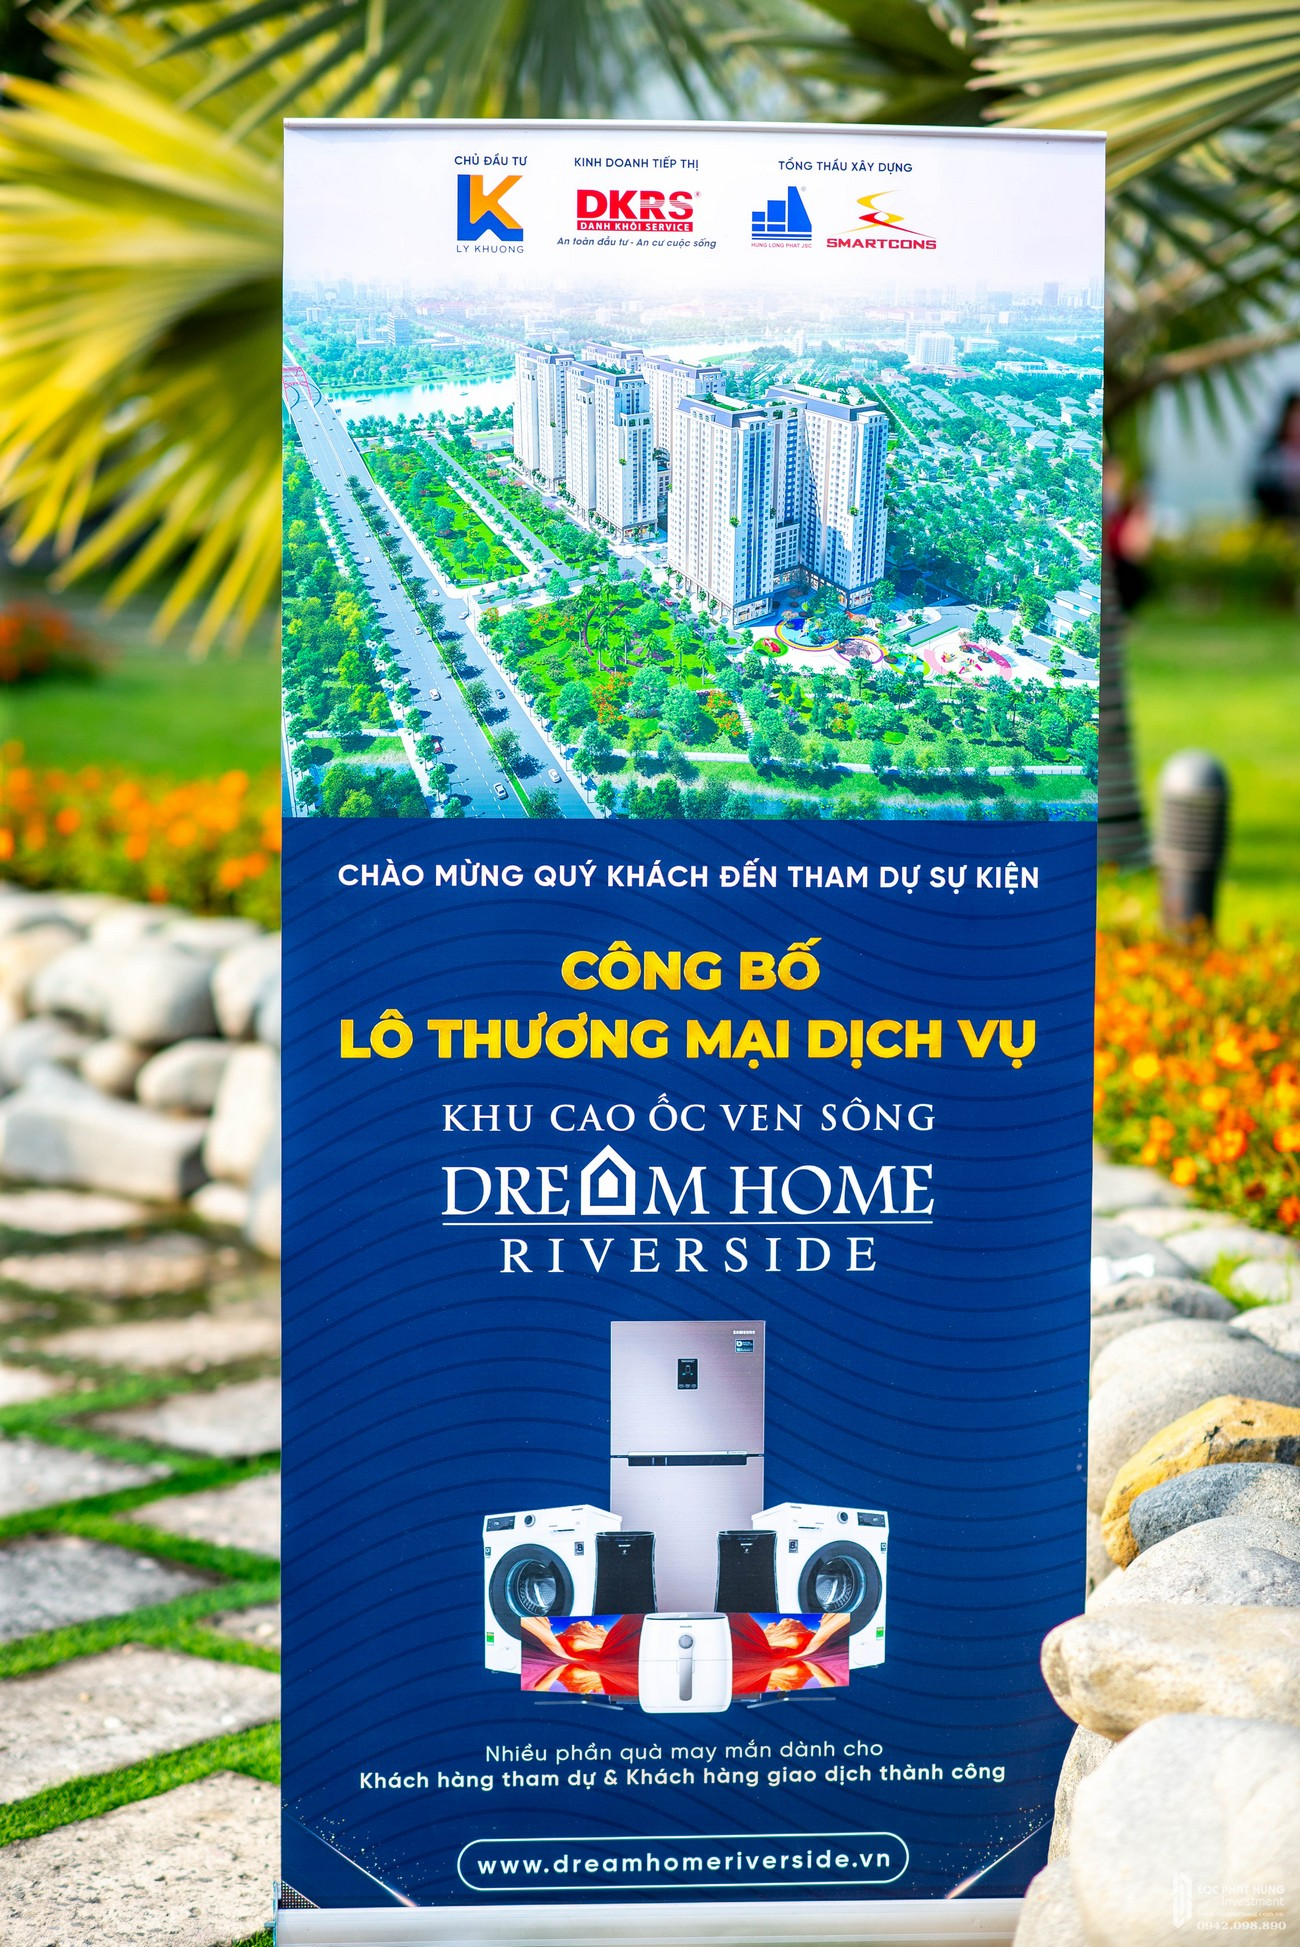 Mở bán dự án căn hộ chung cư Dream Home Riverside Quận 8 Đường Nguyễn Văn Linh chủ đầu tư Công ty cổ phần Nhà Mơ